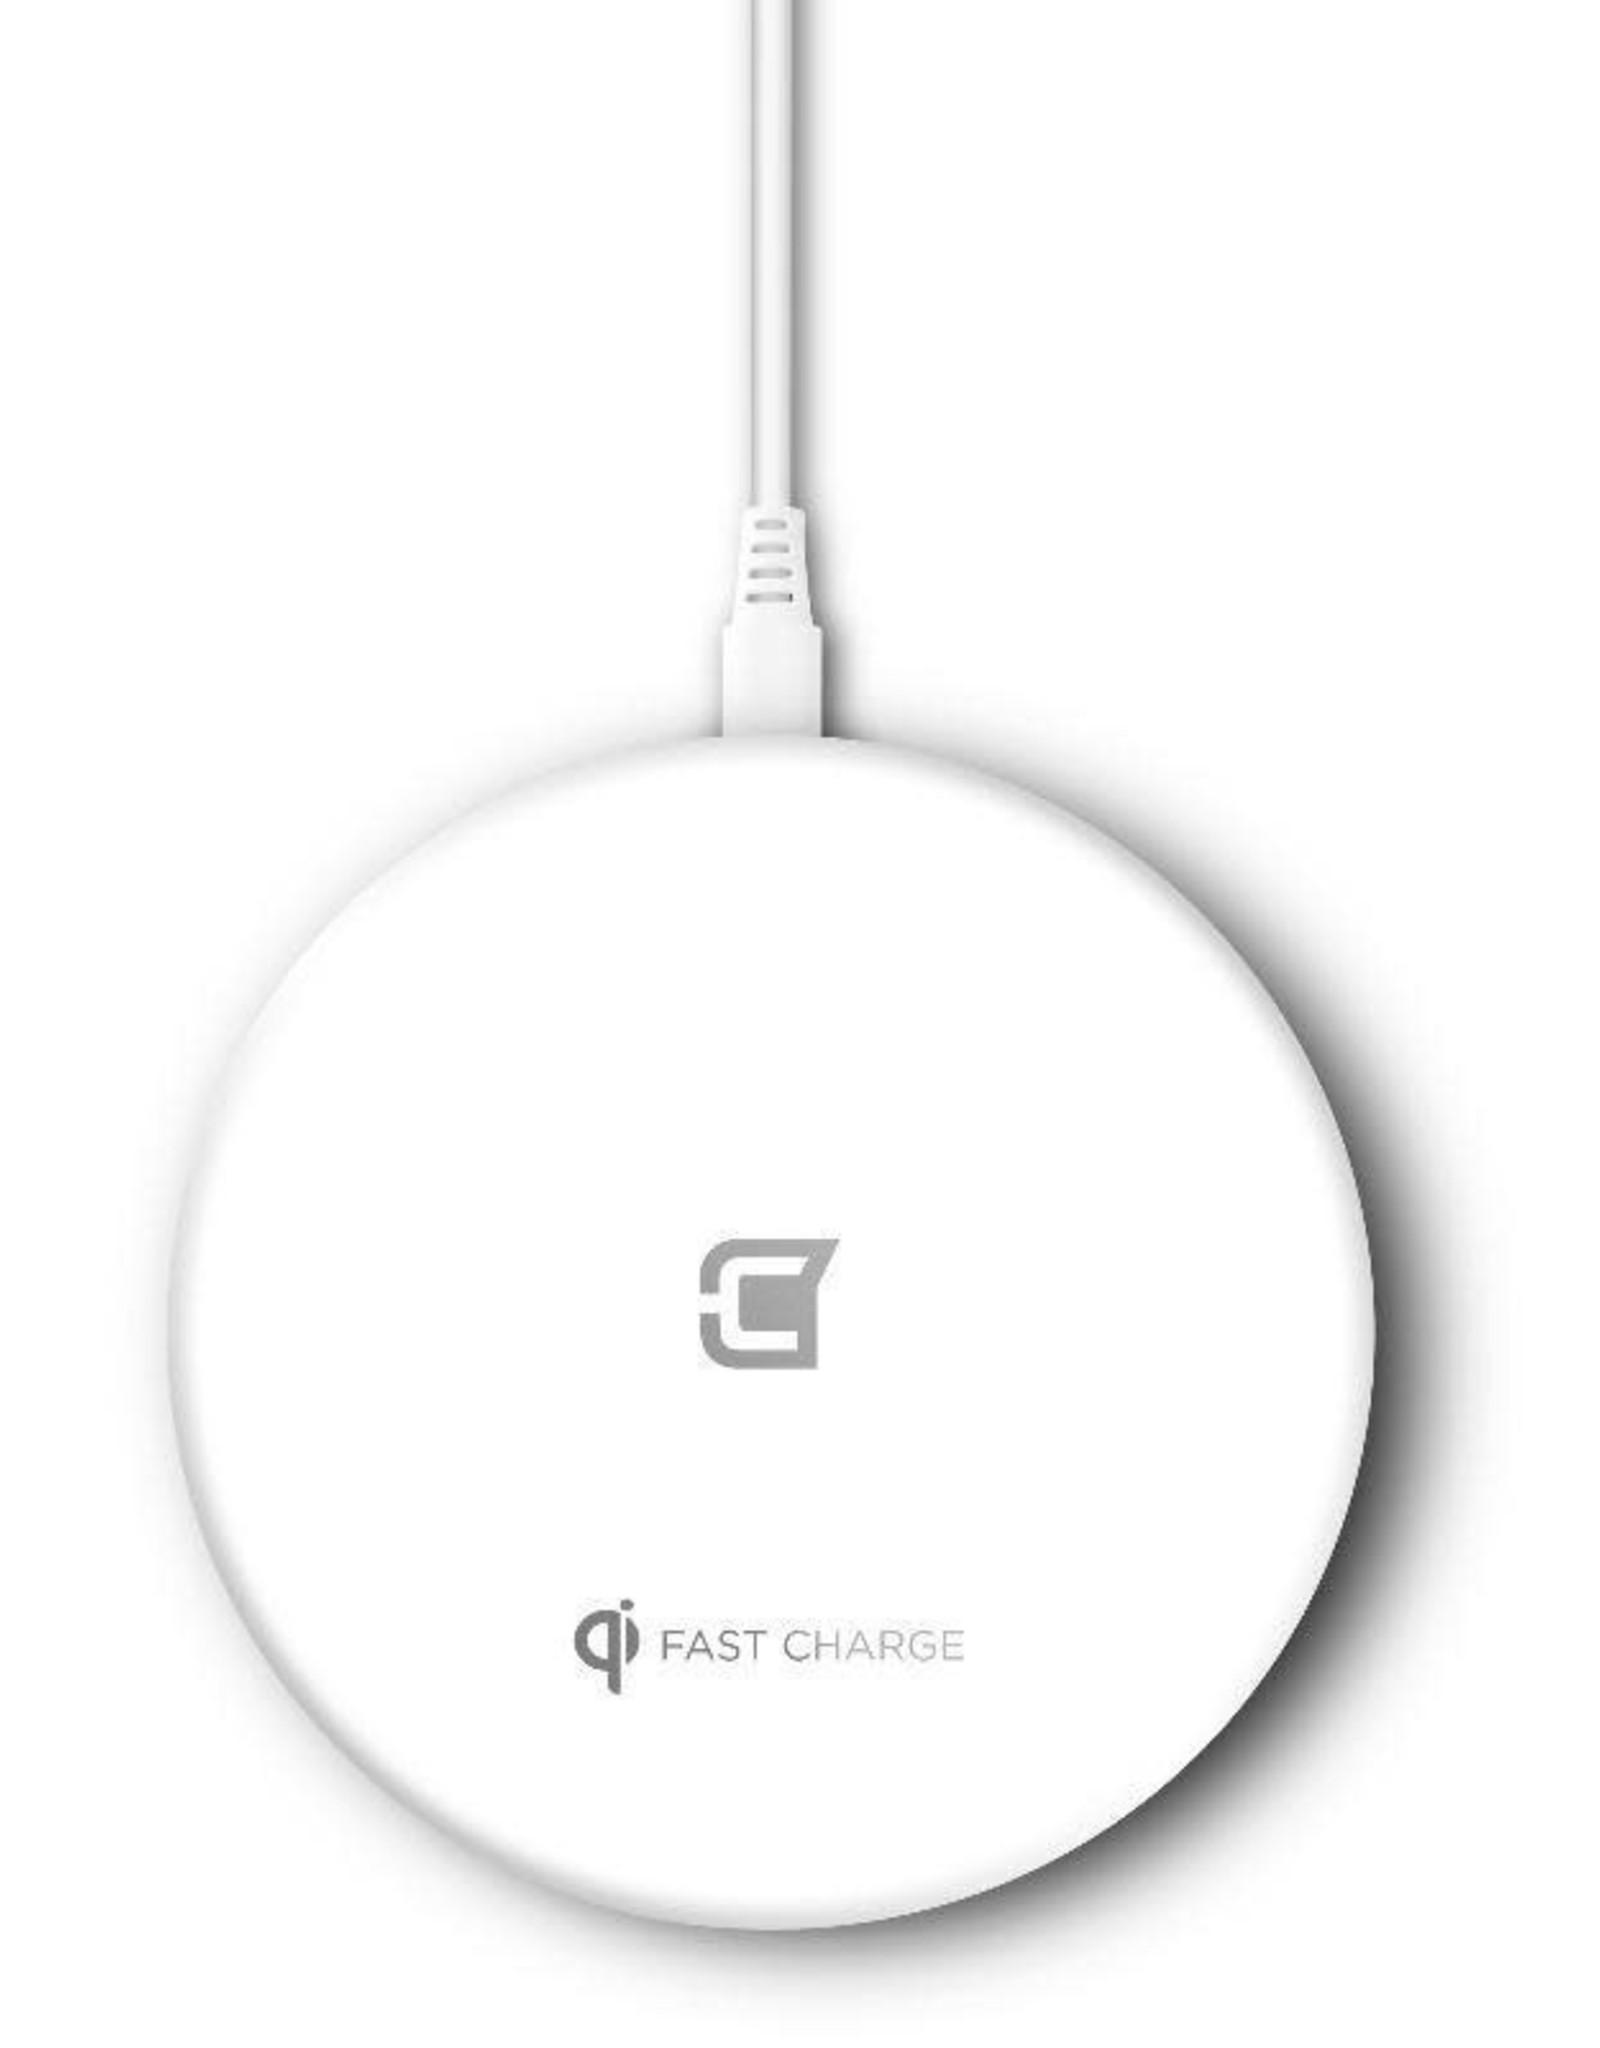 Caseco Caseco Nitro II Wireless Charging Pad - White